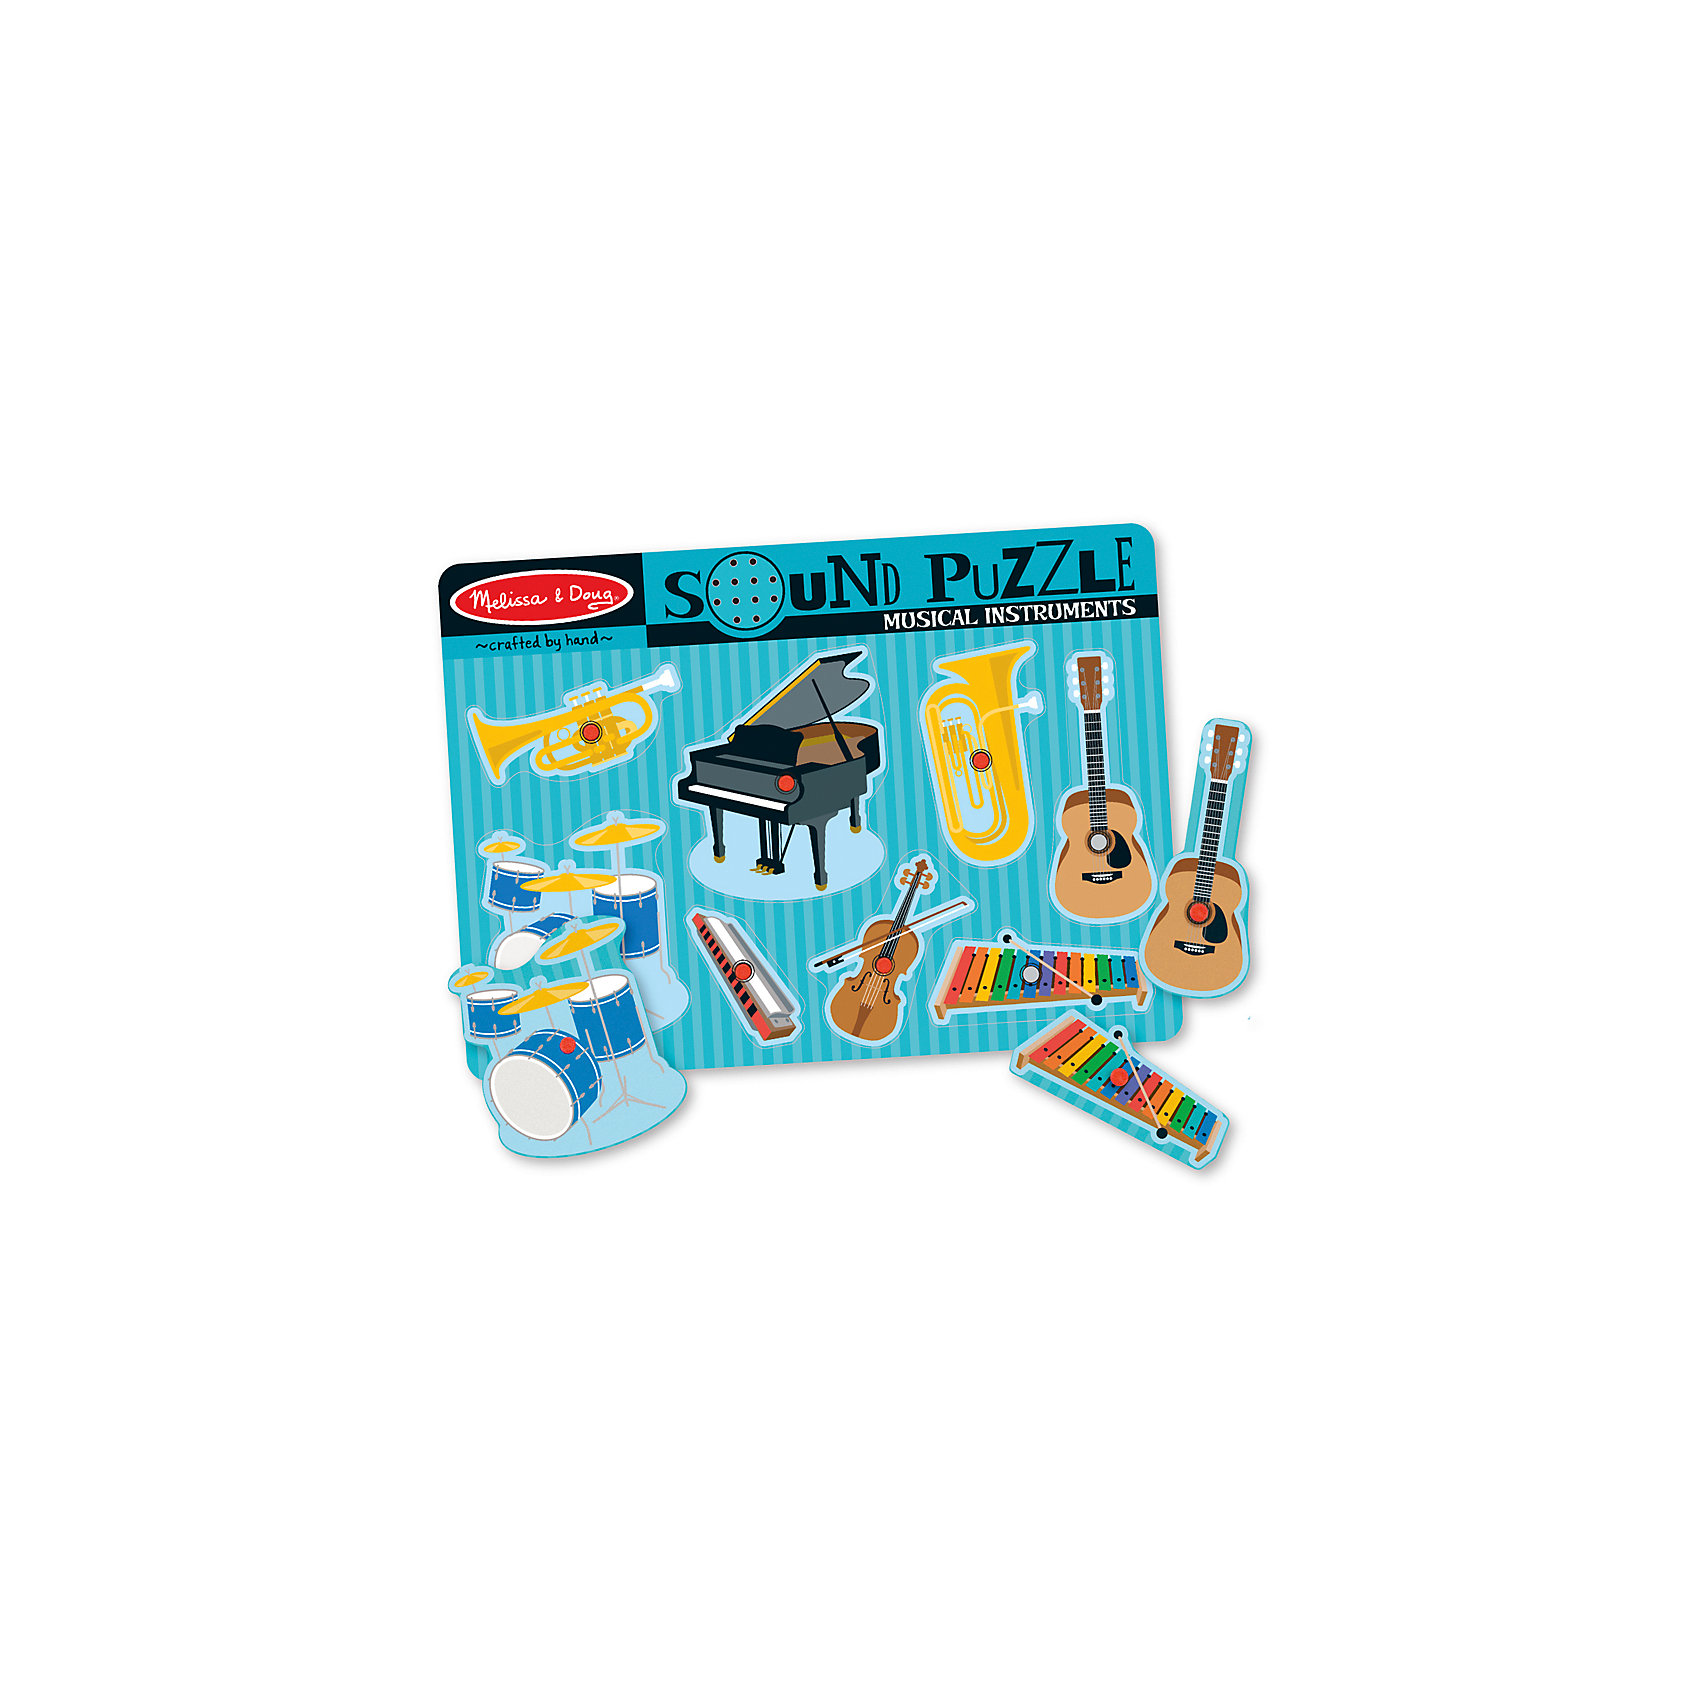 Рамка-вкладыш со звуком Музыкальные инструменты, 8 деталей, Melissa &amp; DougПазл со звуком Музыкальные инструменты, 8 деталей, Melissa &amp; Doug (Мелисса и Даг) –  это уникальный познавательный пазл для вашего малыша.<br>Восемь инструментов ждут начинающего дирижера. Поместите часть в виде инструмента в соответствующую форму на игровой доске и услышите, как он играет. В центре каждой картинки есть пластиковая ручка, за которую элемент пазла удобно держать и вставлять в подходящее для него место. Каждый элемент пазла представляет собой красочное изображение музыкального инструмента. С этим замечательным набором у Вашего ребенка будет развиваться мышление, внимательность и музыкальный слух.<br><br>Дополнительная информация:<br><br>- Количество элементов: 8<br>- Батарейки: 2 тип ААА (в набор не входят)<br>- Материал: дерево<br>- Размер: 30х22х2,5 см.<br><br>Пазл со звуком Музыкальные инструменты, 8 деталей, Melissa &amp; Doug (Мелисса и Даг) можно купить в нашем интернет-магазине.<br><br>Ширина мм: 100<br>Глубина мм: 300<br>Высота мм: 220<br>Вес г: 543<br>Возраст от месяцев: 24<br>Возраст до месяцев: 48<br>Пол: Унисекс<br>Возраст: Детский<br>Количество деталей: 8<br>SKU: 4005816